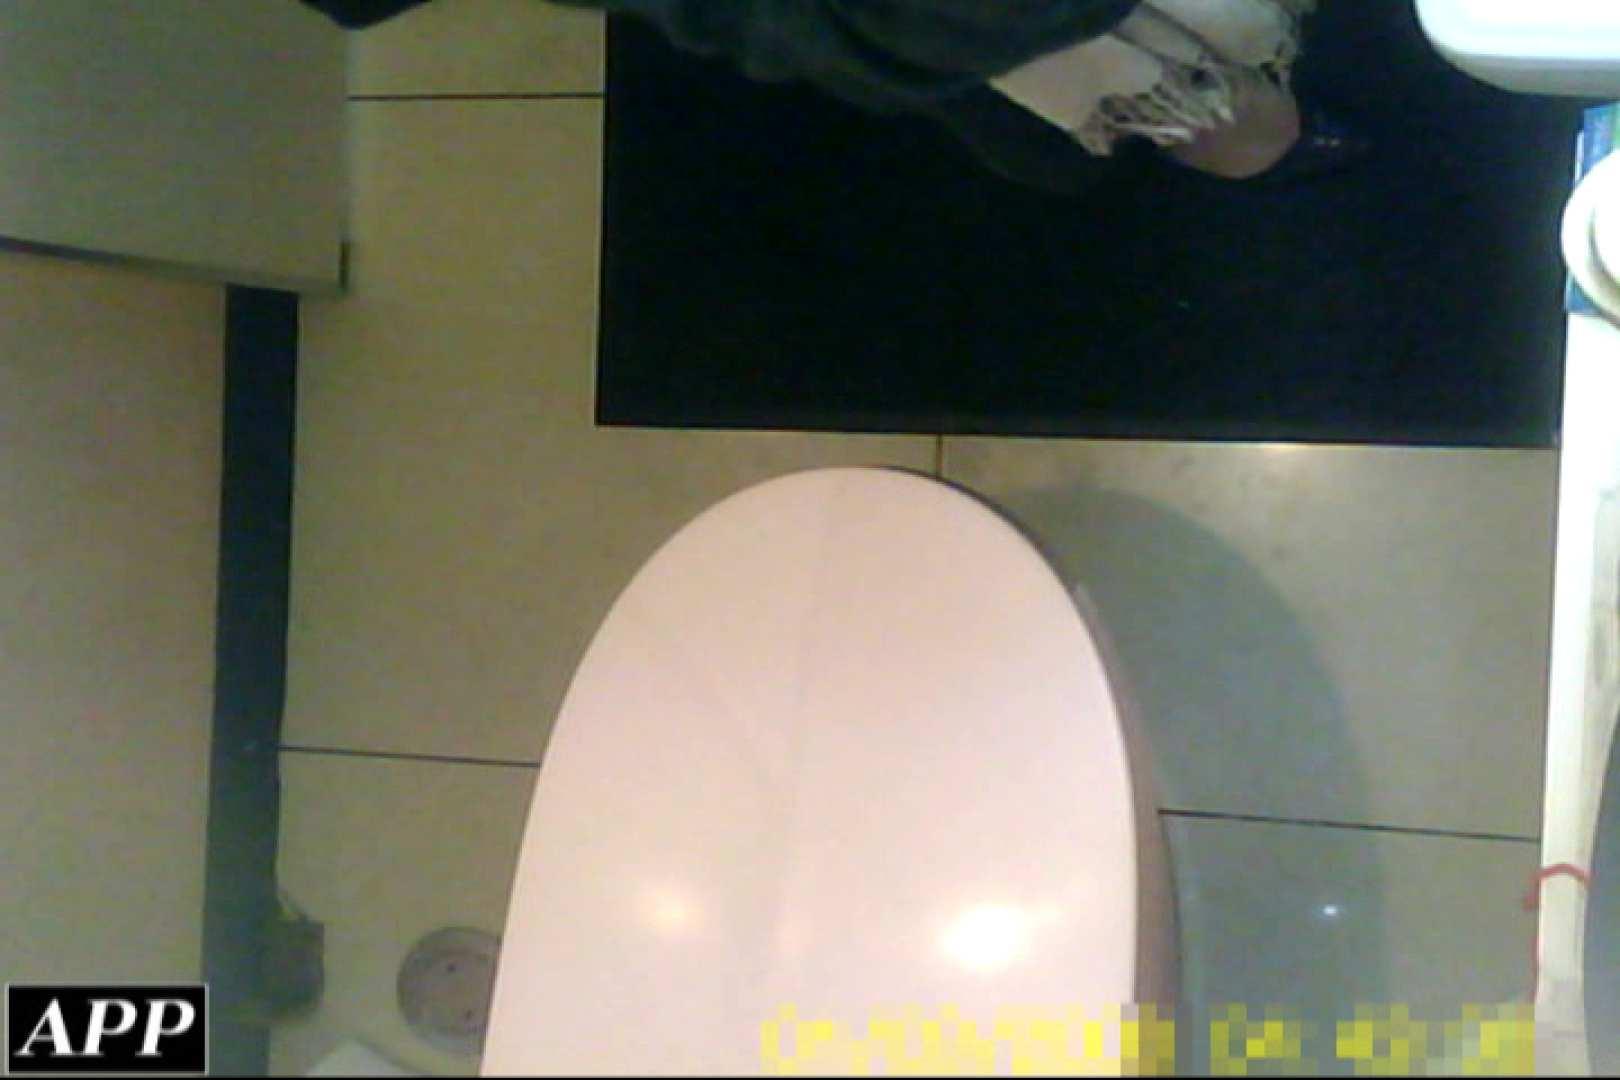 3視点洗面所 vol.119 マンコ アダルト動画キャプチャ 106pic 21